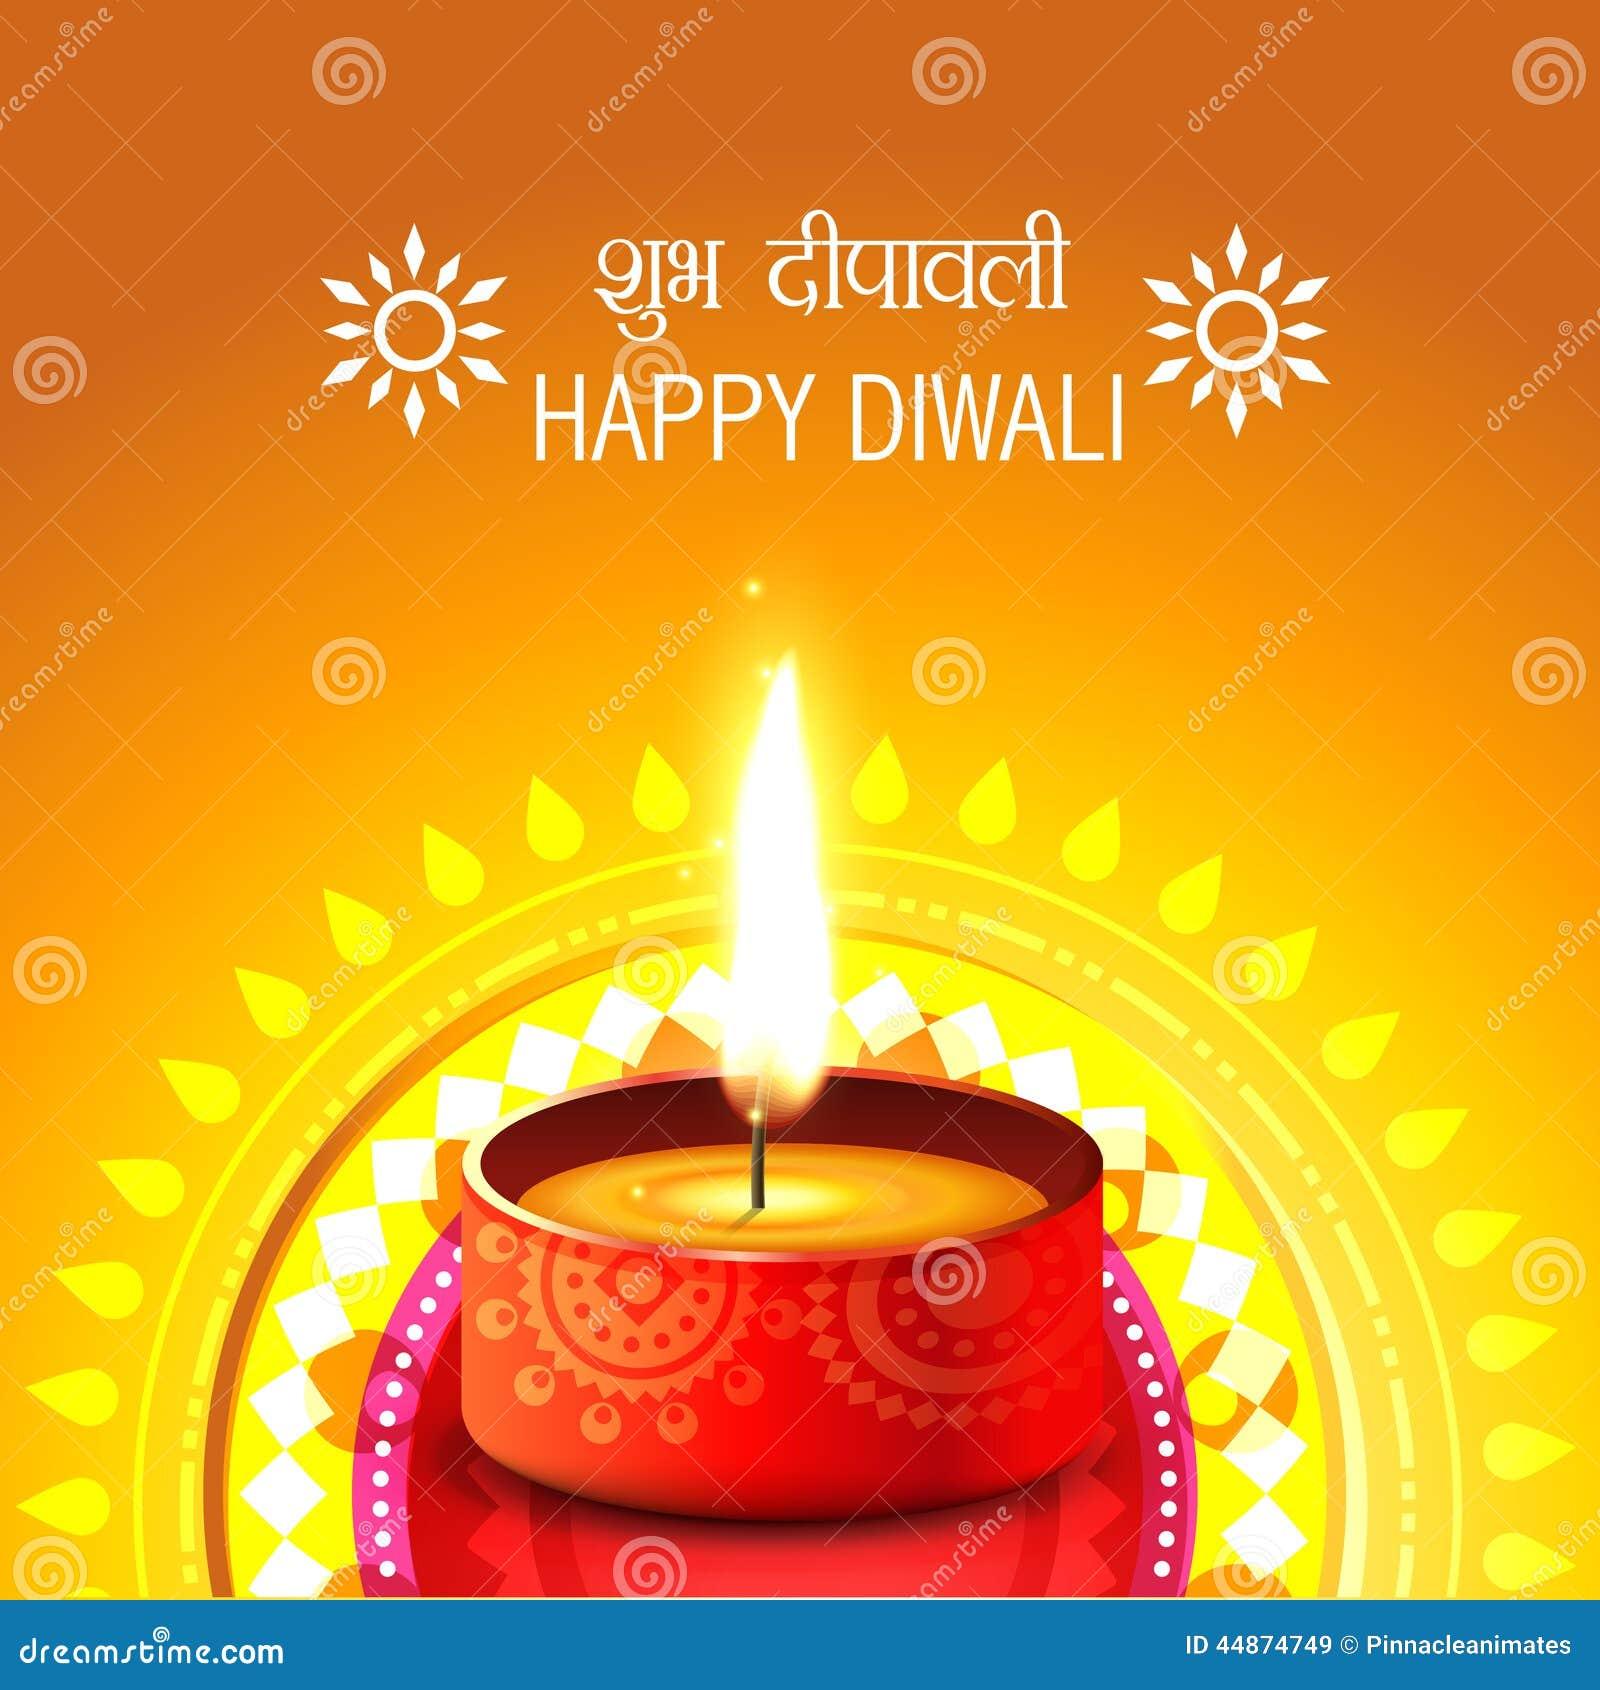 Creative background of diwali